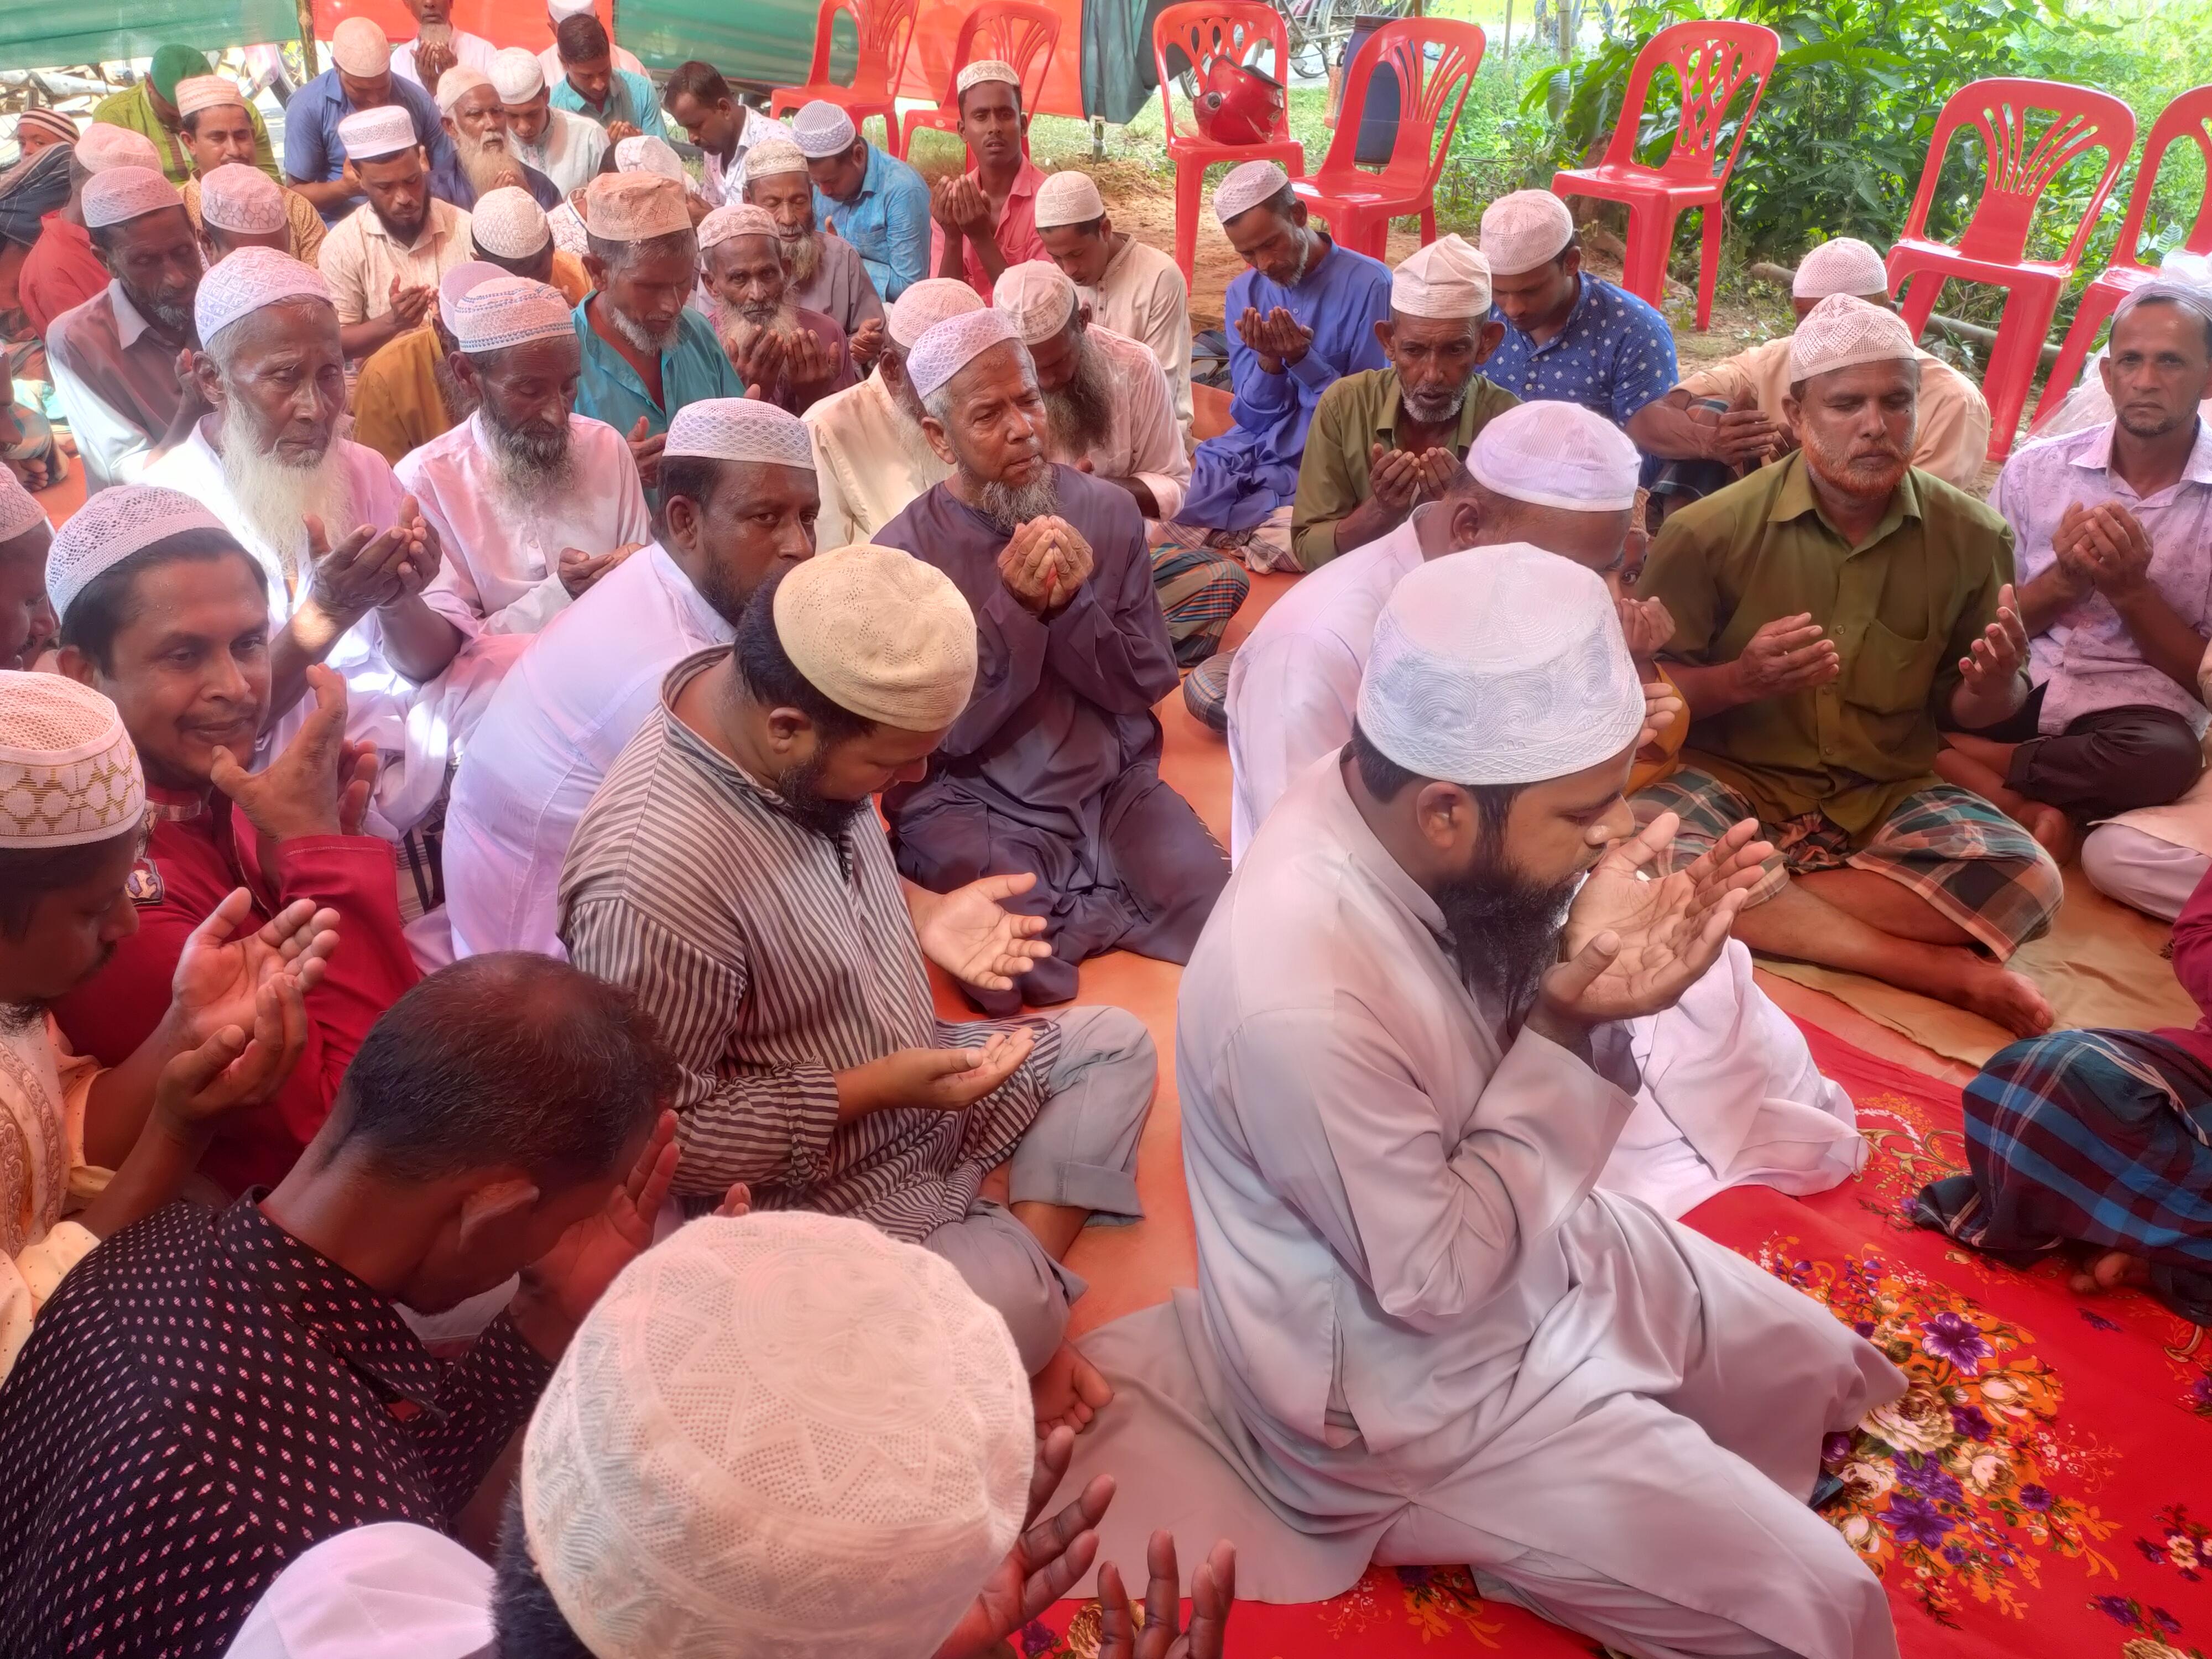 হালুয়াঘাটের শিমুলকুচি গ্রামে কামাল'র কুলখানি অনুষ্ঠিত